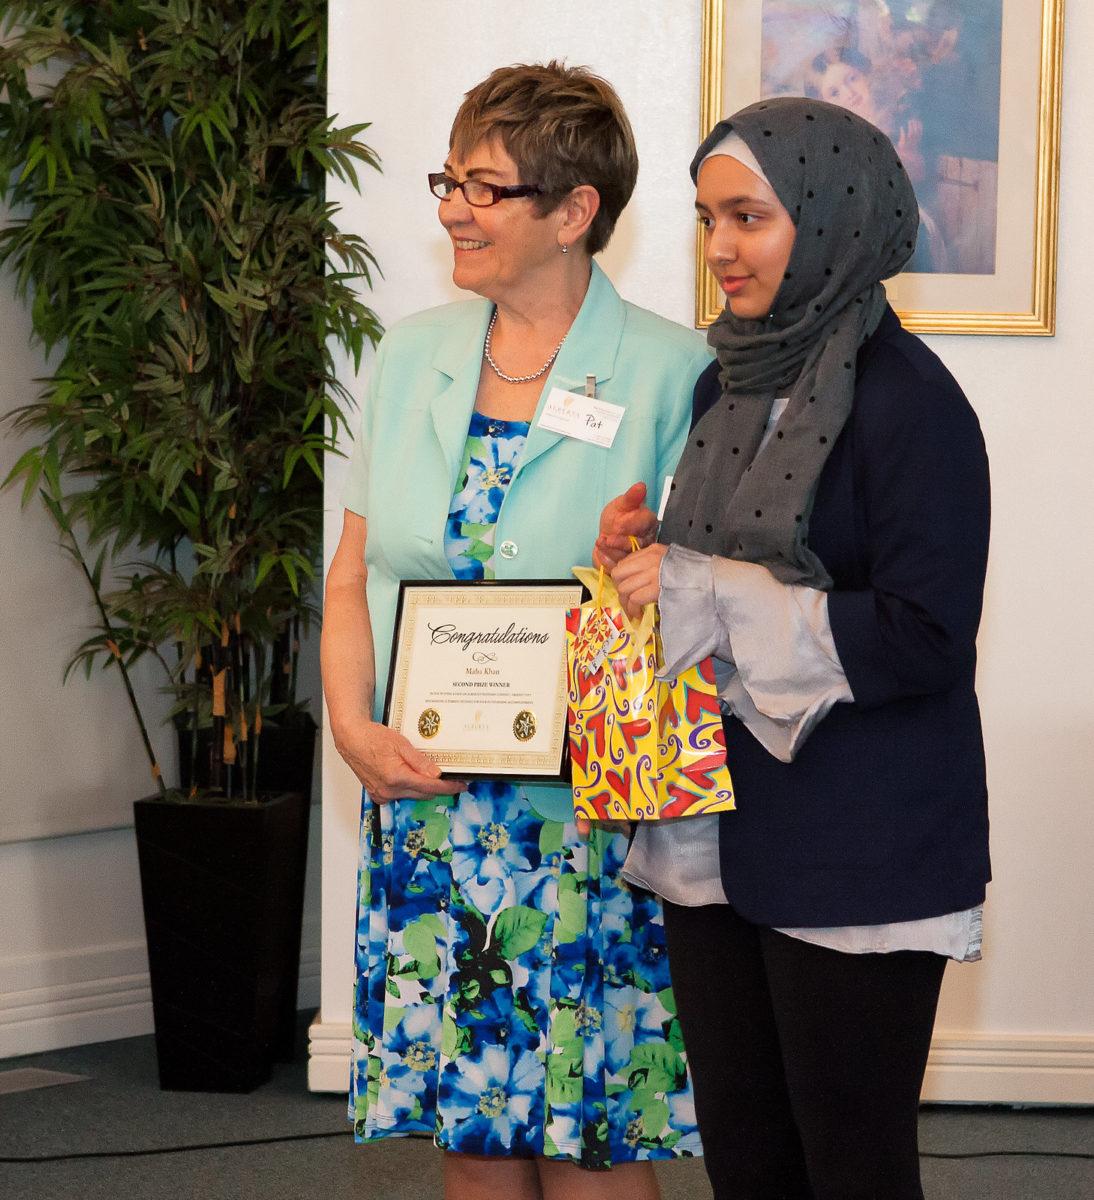 Maha Khan receiving Grade 7-9 Second Prize and plaque